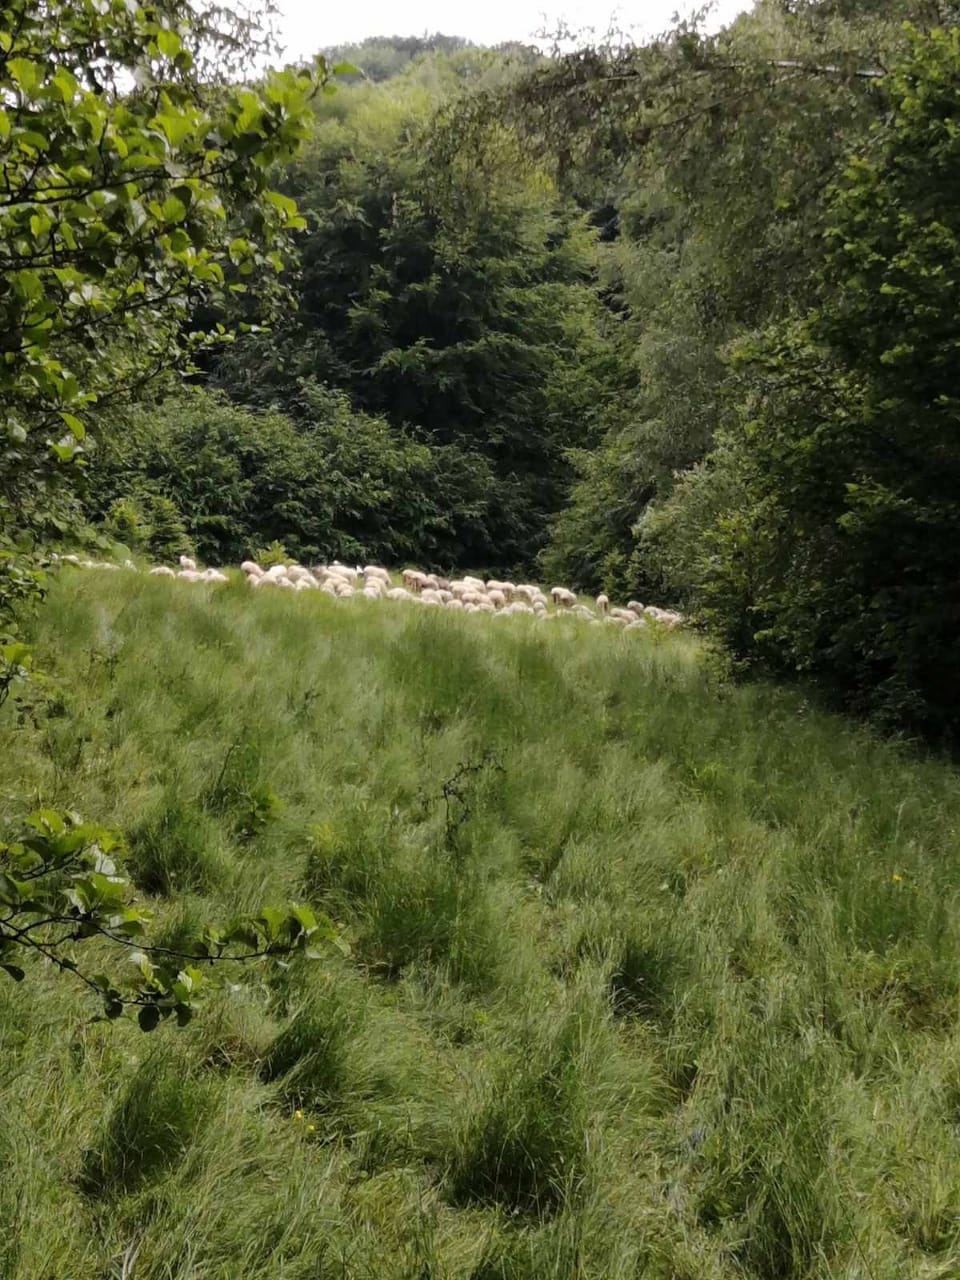 Фото - Румунський пастух заблукав і з отарою незаконно потрапив на територію України